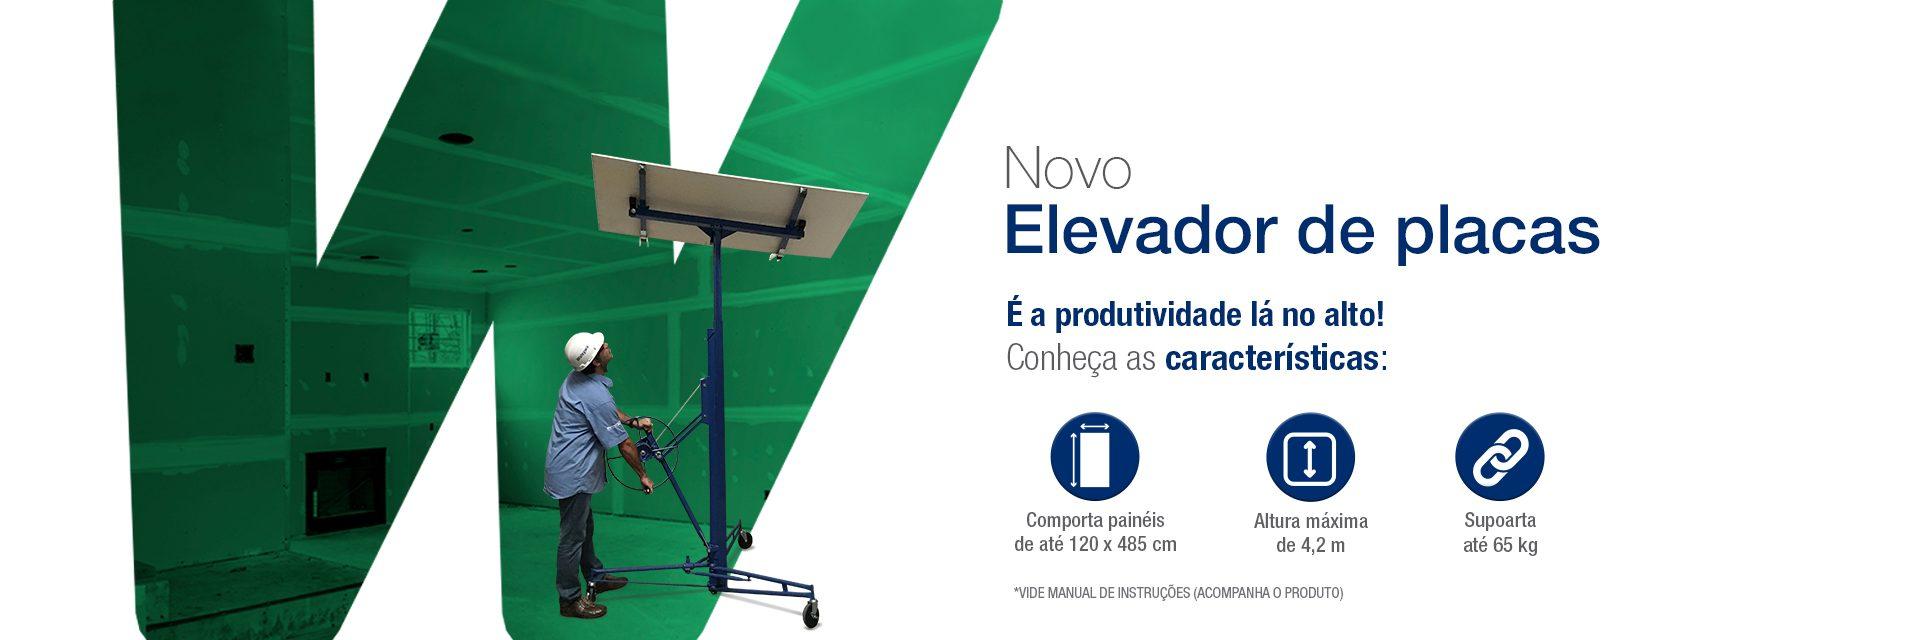 1616_Banner_Elevador_Placas